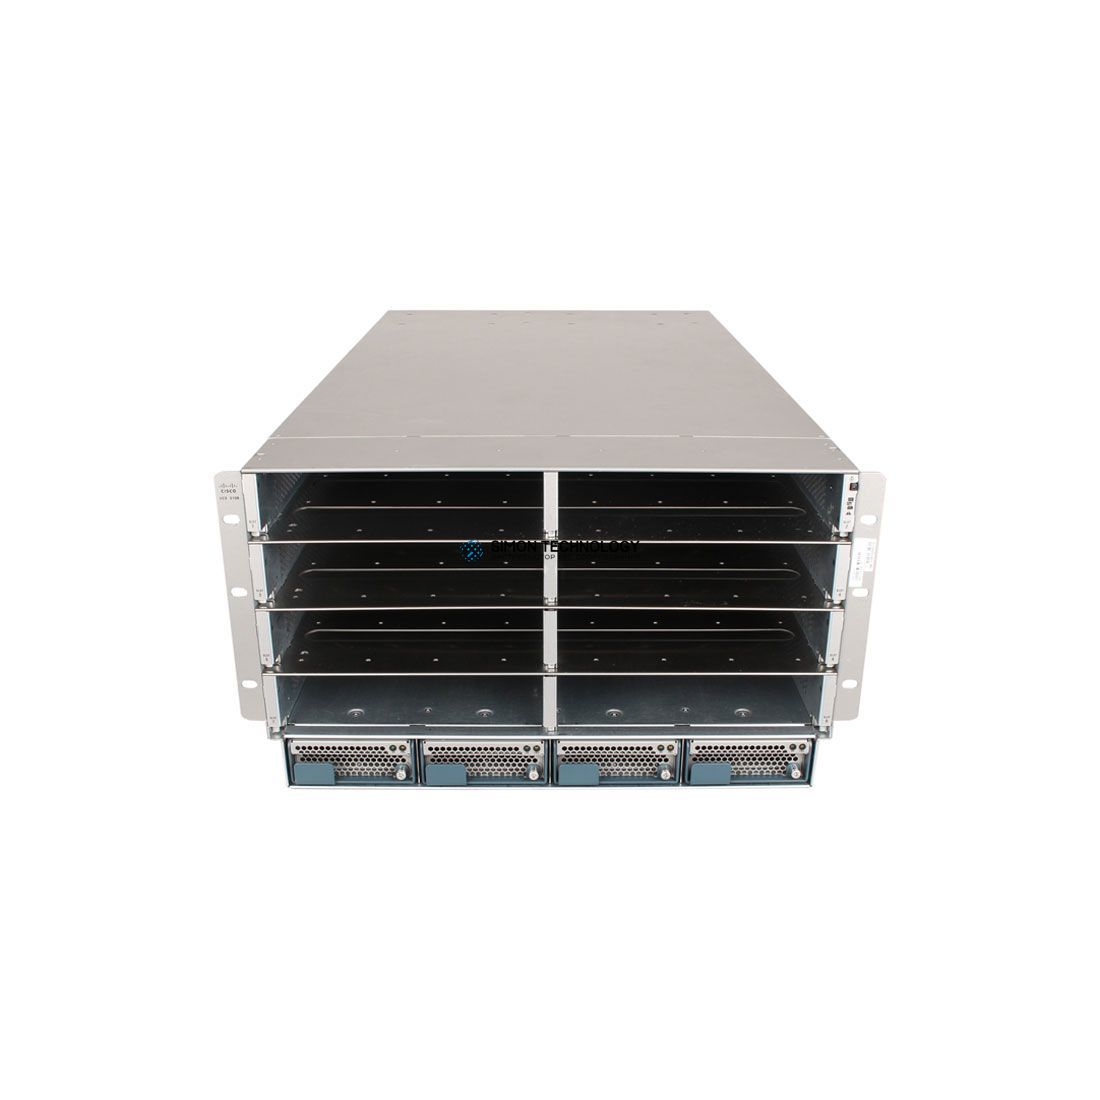 Cisco UCS 5108 BLADE SERVER CHASSIS (UCS-5108-U5B)